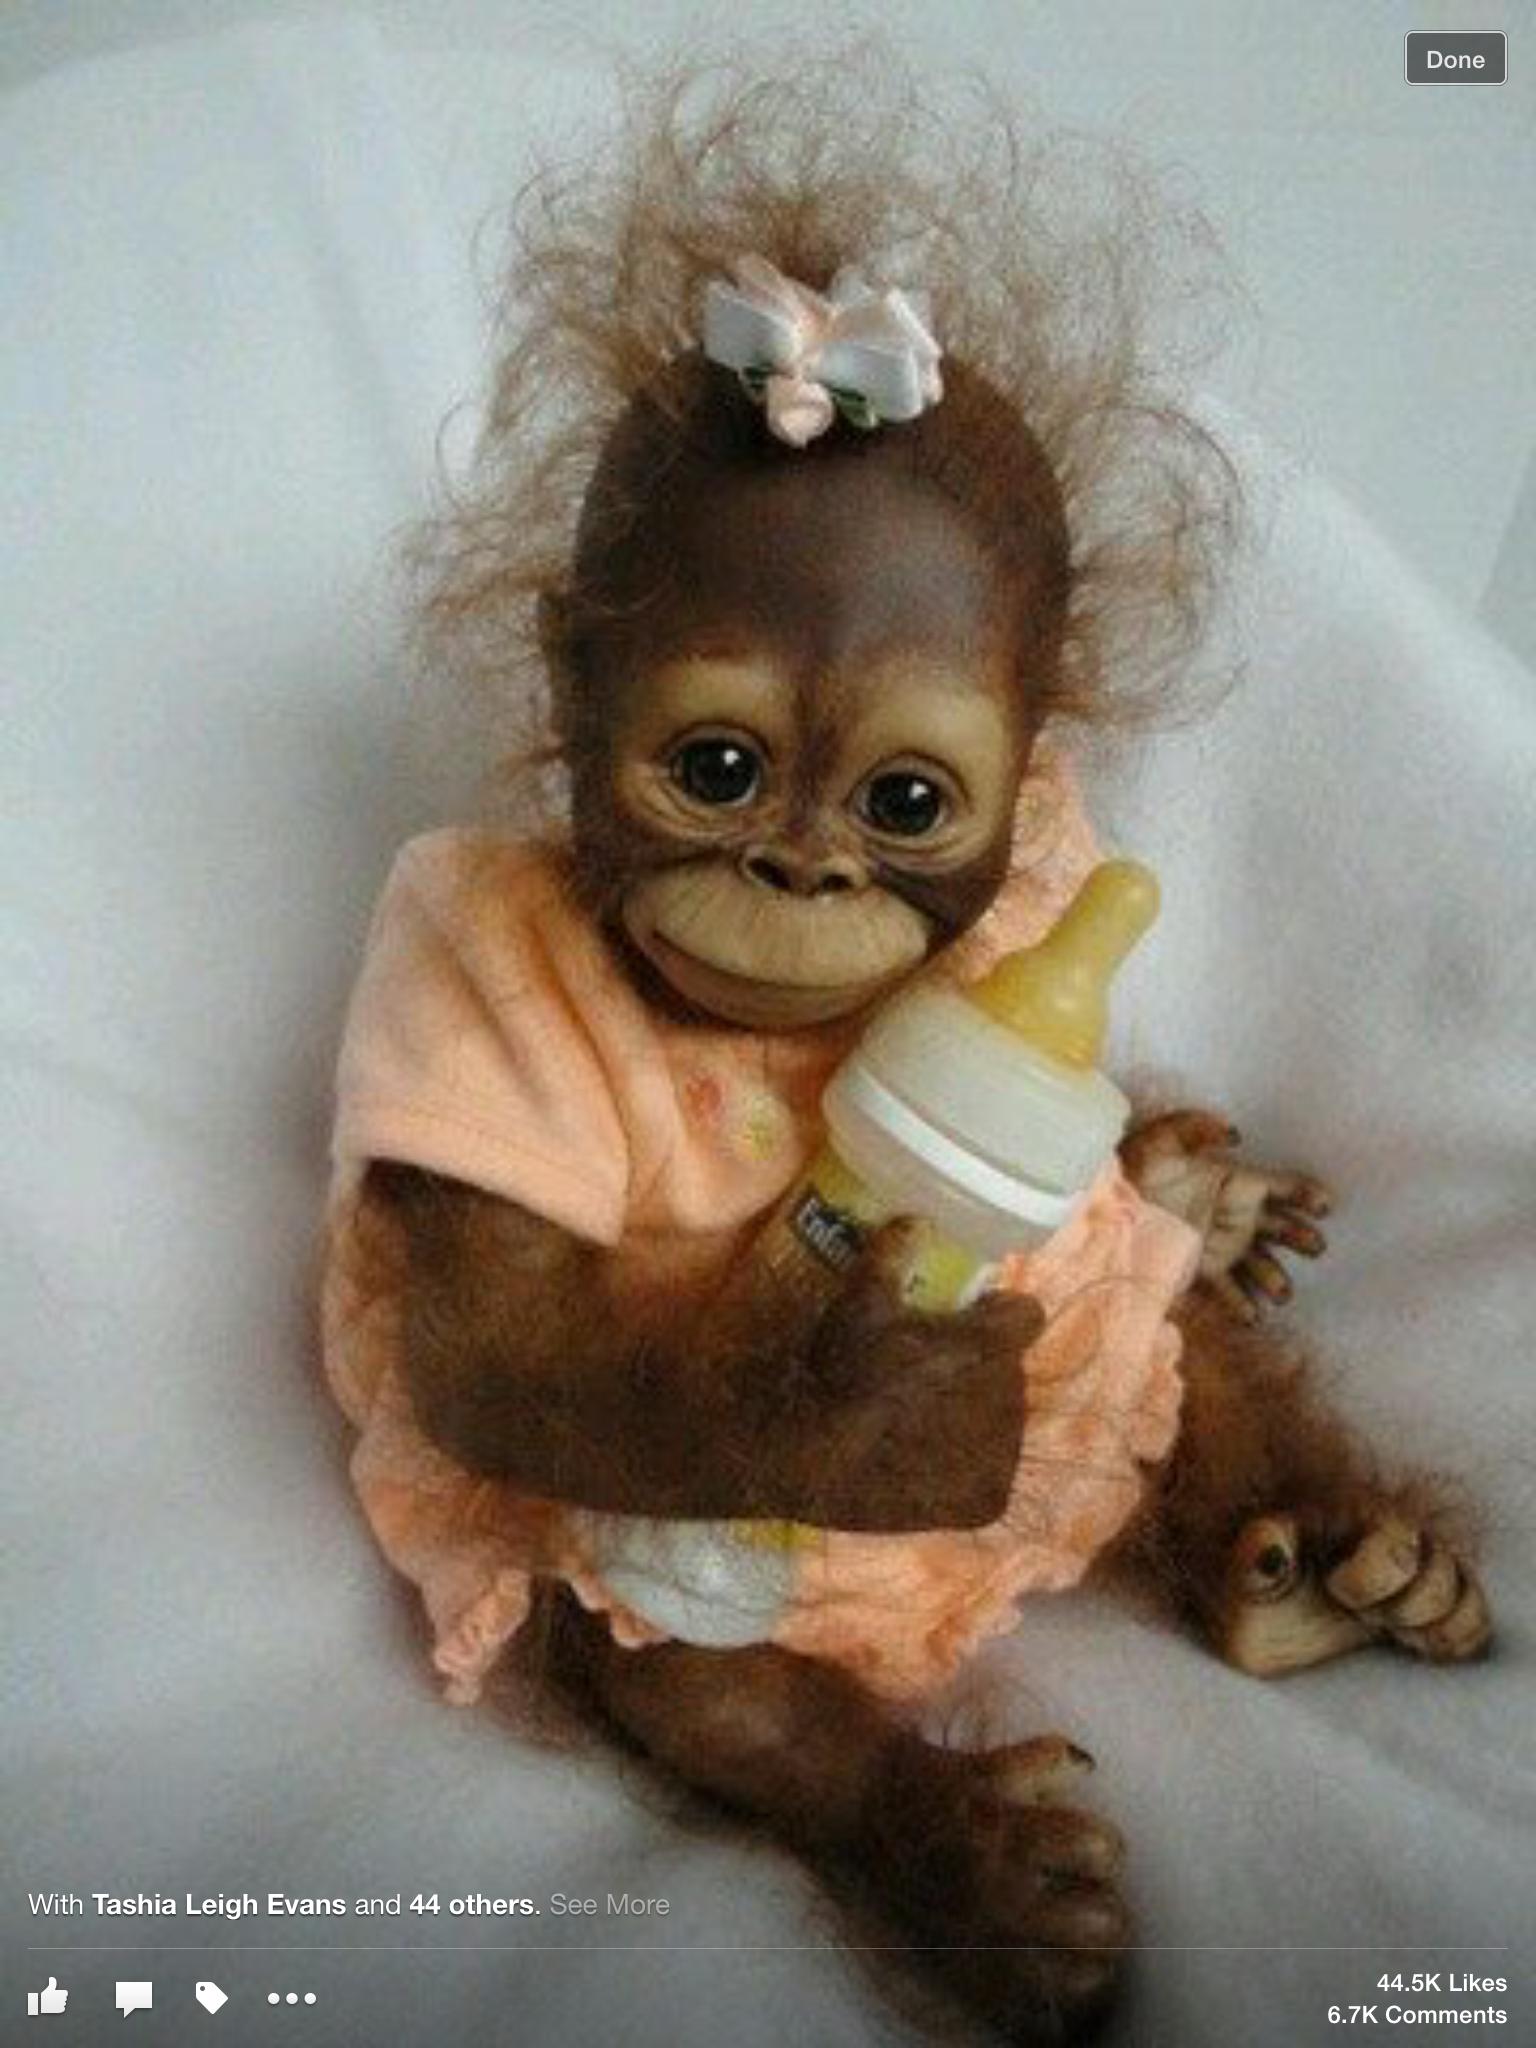 Baby orangutan in an orange dress. Such a cutie!